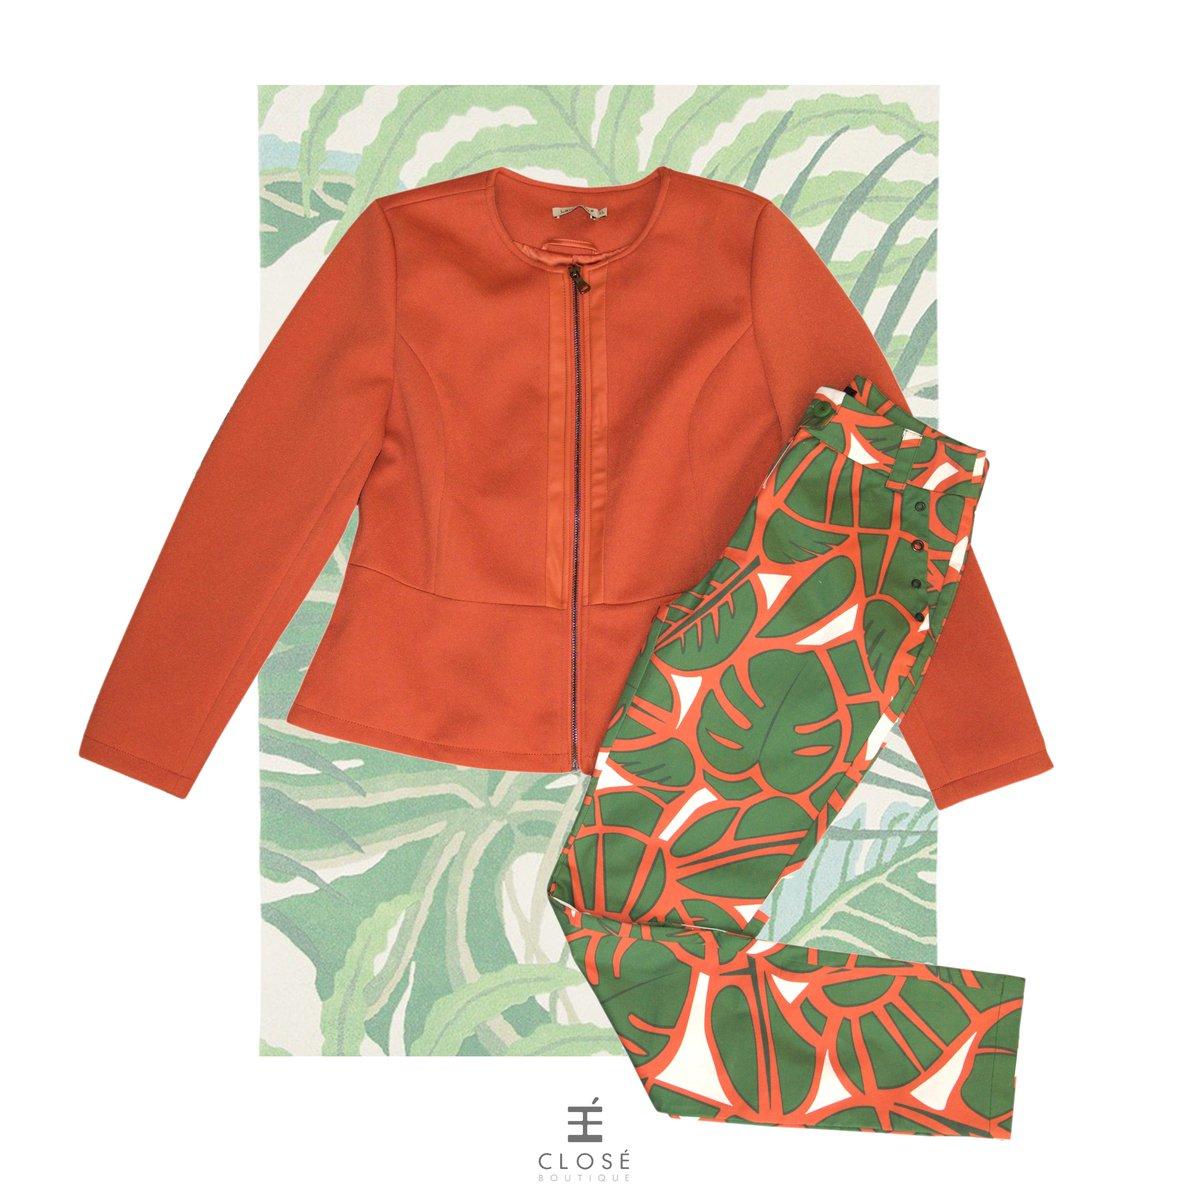 El #OutfitdelDía ideal seguro lo encuentras en Closé. Descubre nuestra amplia variedad de productos en nuestras tiendas o página web: https://t.co/lkEj161Mao #SeeNowBuyNow #DressInStyle https://t.co/BmfDgrb47x